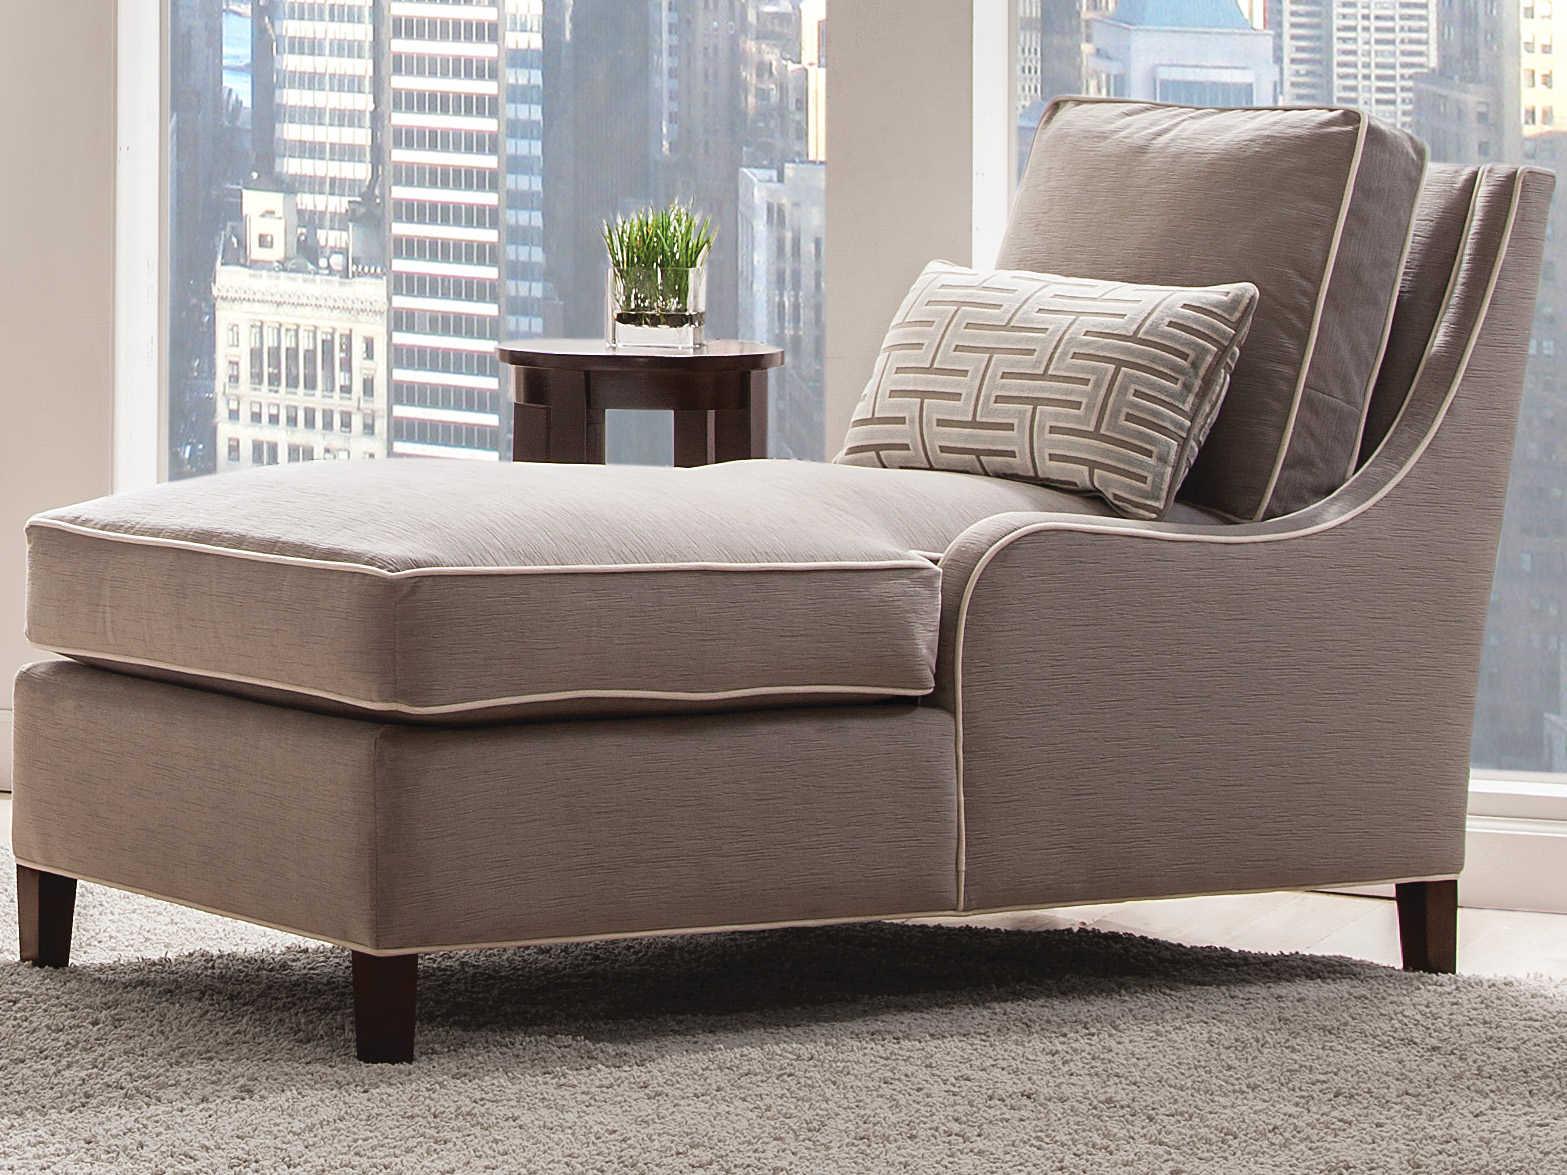 Braxton Culler Koko Chaise Lounge Chair